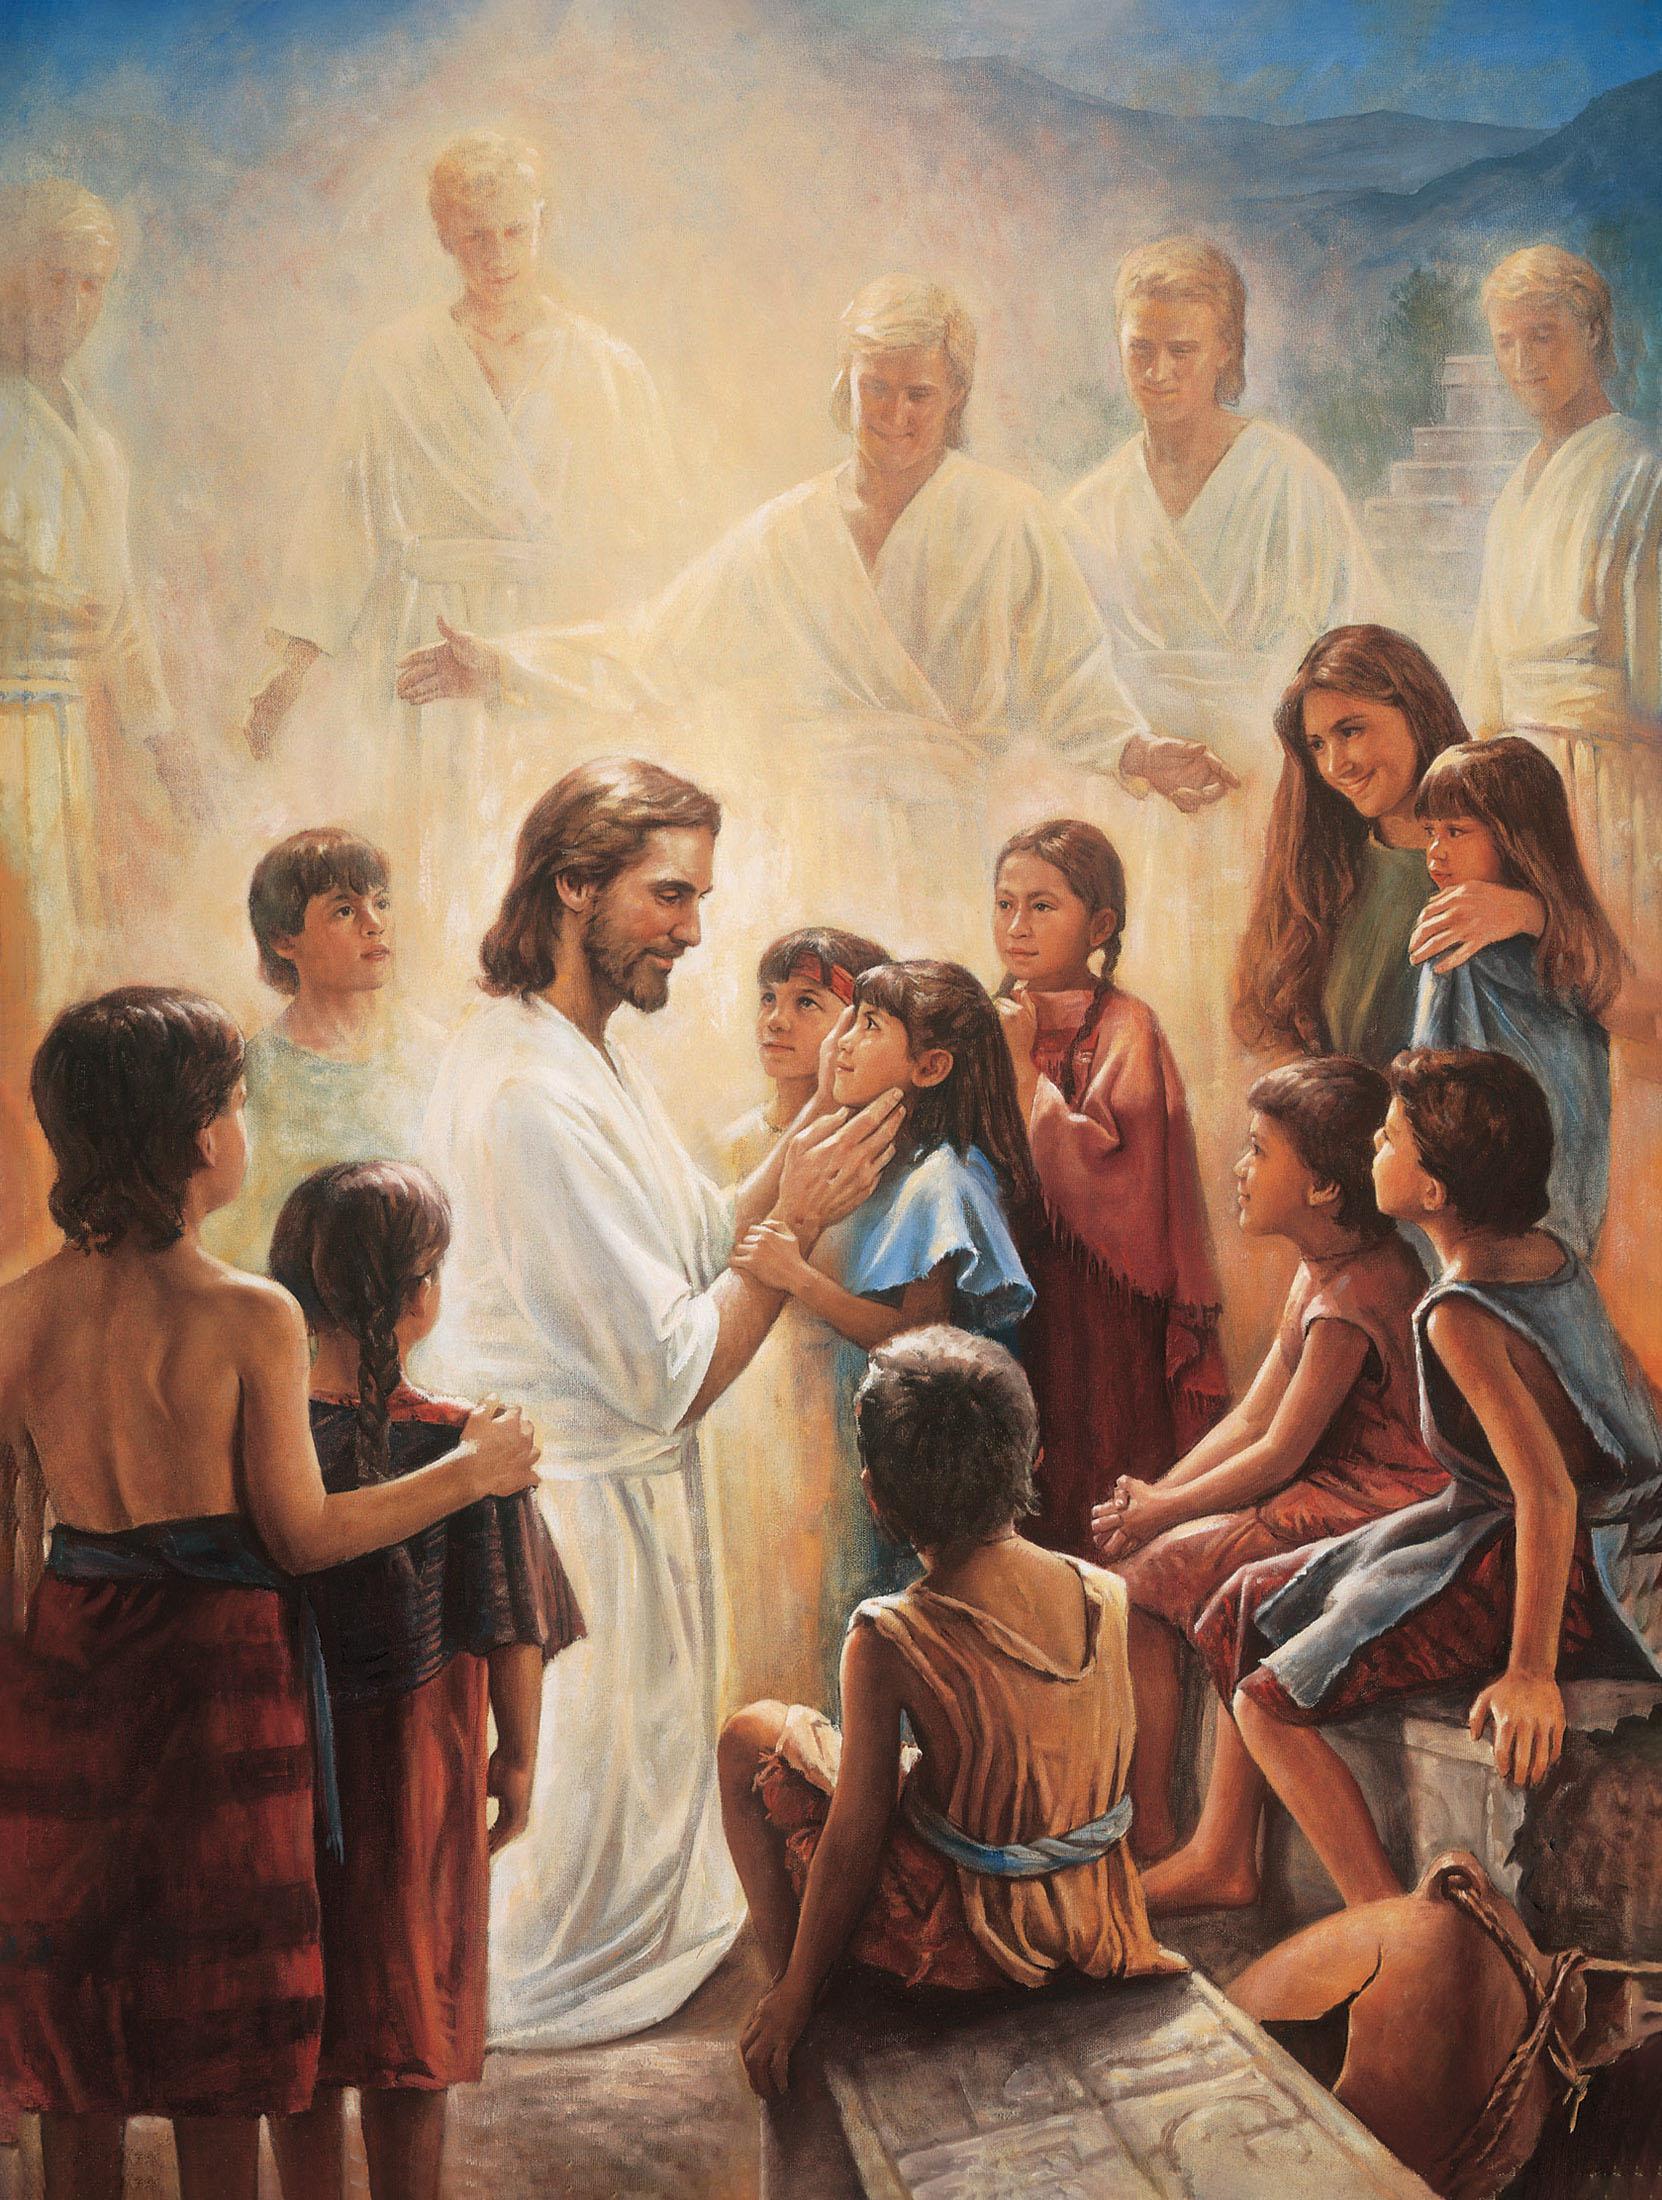 Hình ảnh chúa jesus với người dân